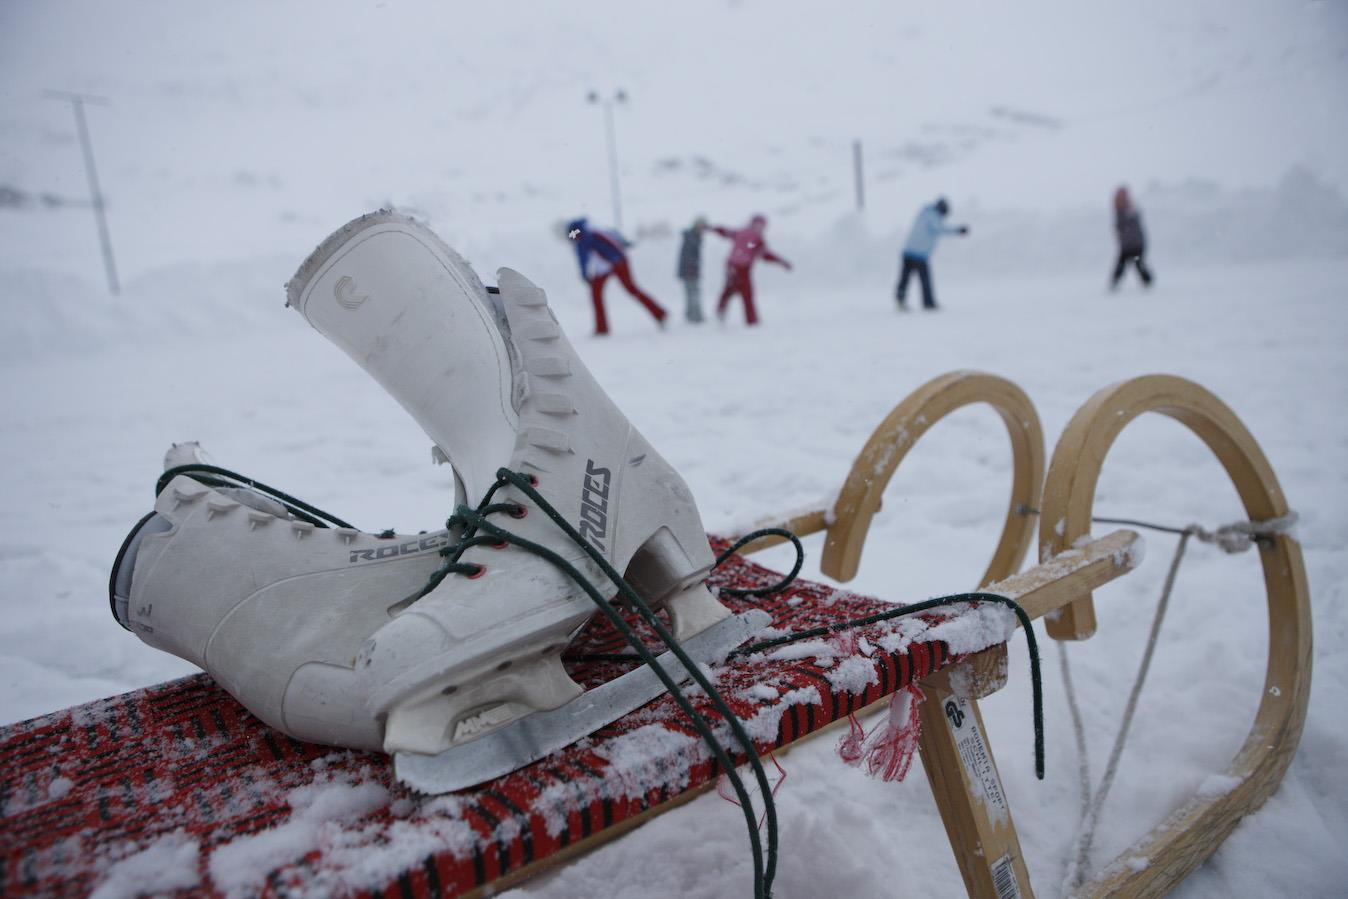 Pista di ghiaccio a S. Martino in Passiria